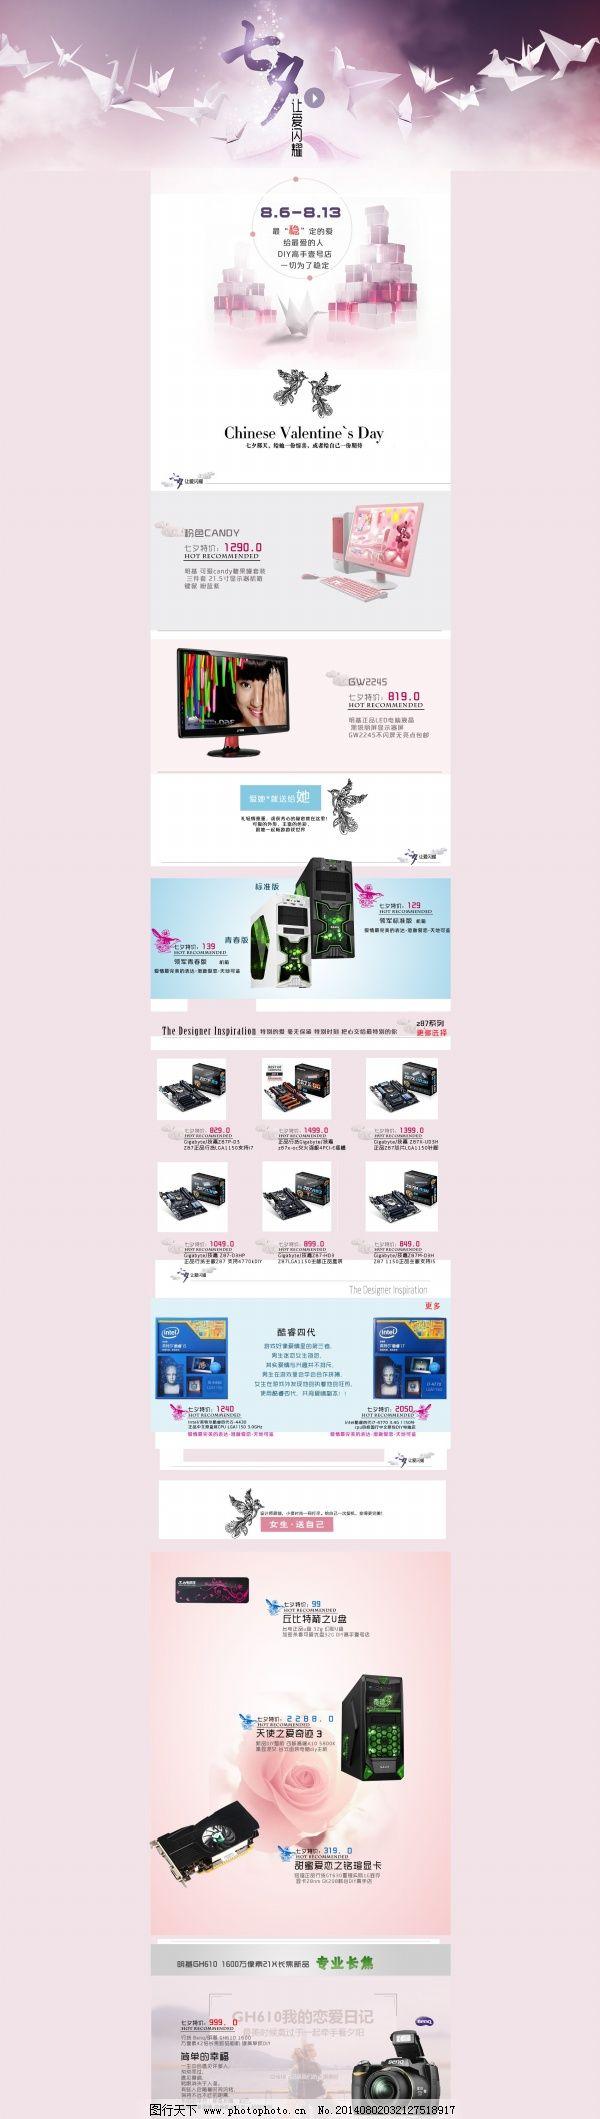 七夕节淘宝店铺装修模板免费下载 七夕 淘宝模板 网页设计 淘宝模板图片